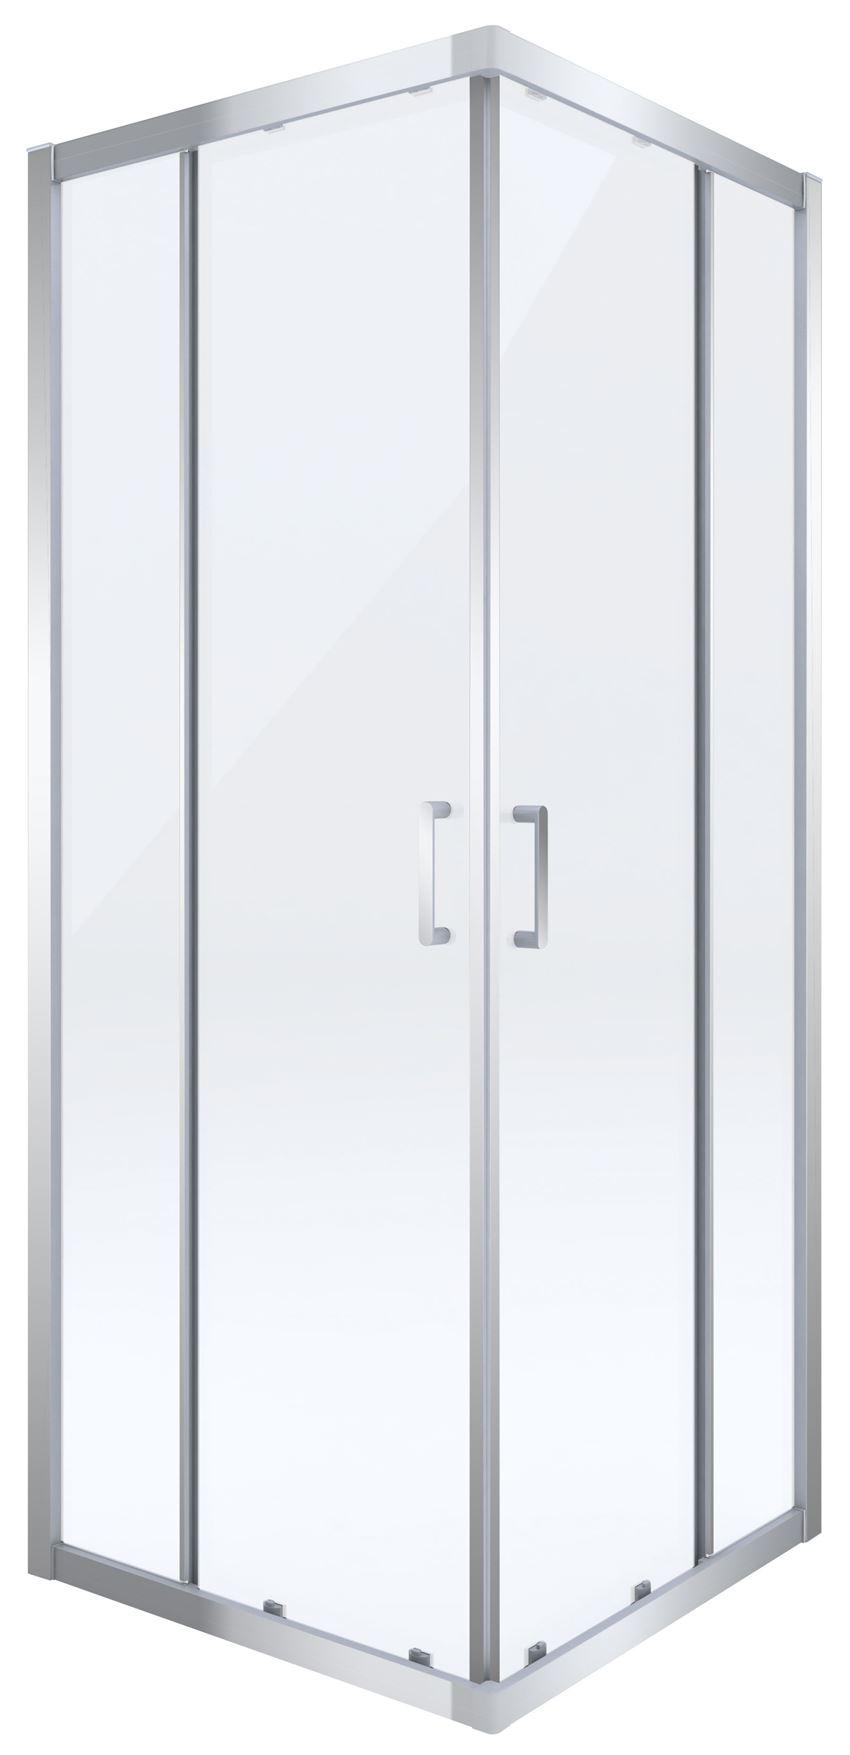 Kabina prysznicowa kwadratowa Deante Cito KQC 042P